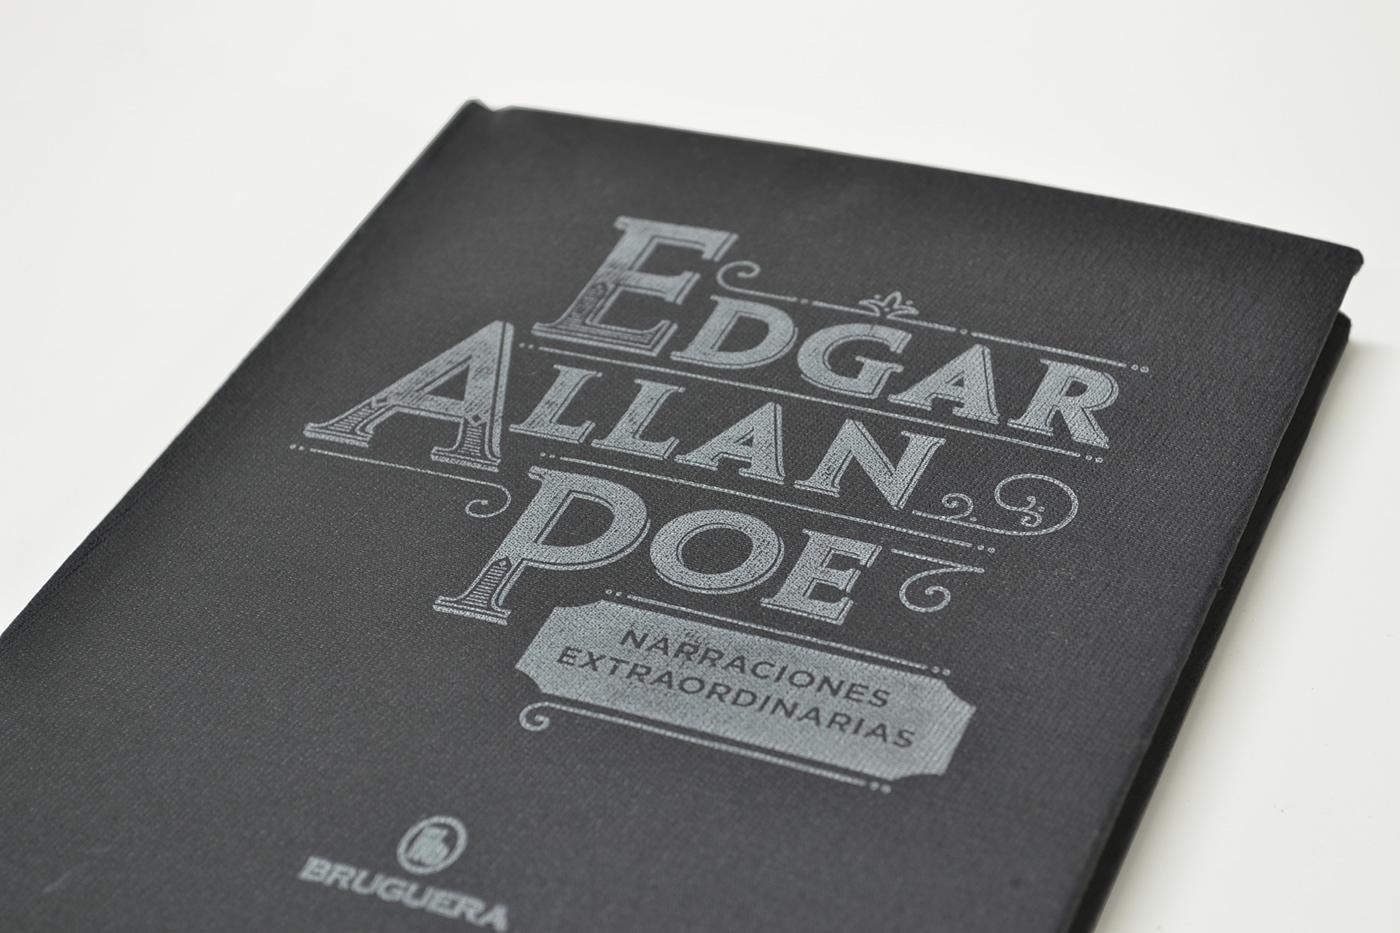 EDGAR ALLAN POE - Narraciones Extraordinarias